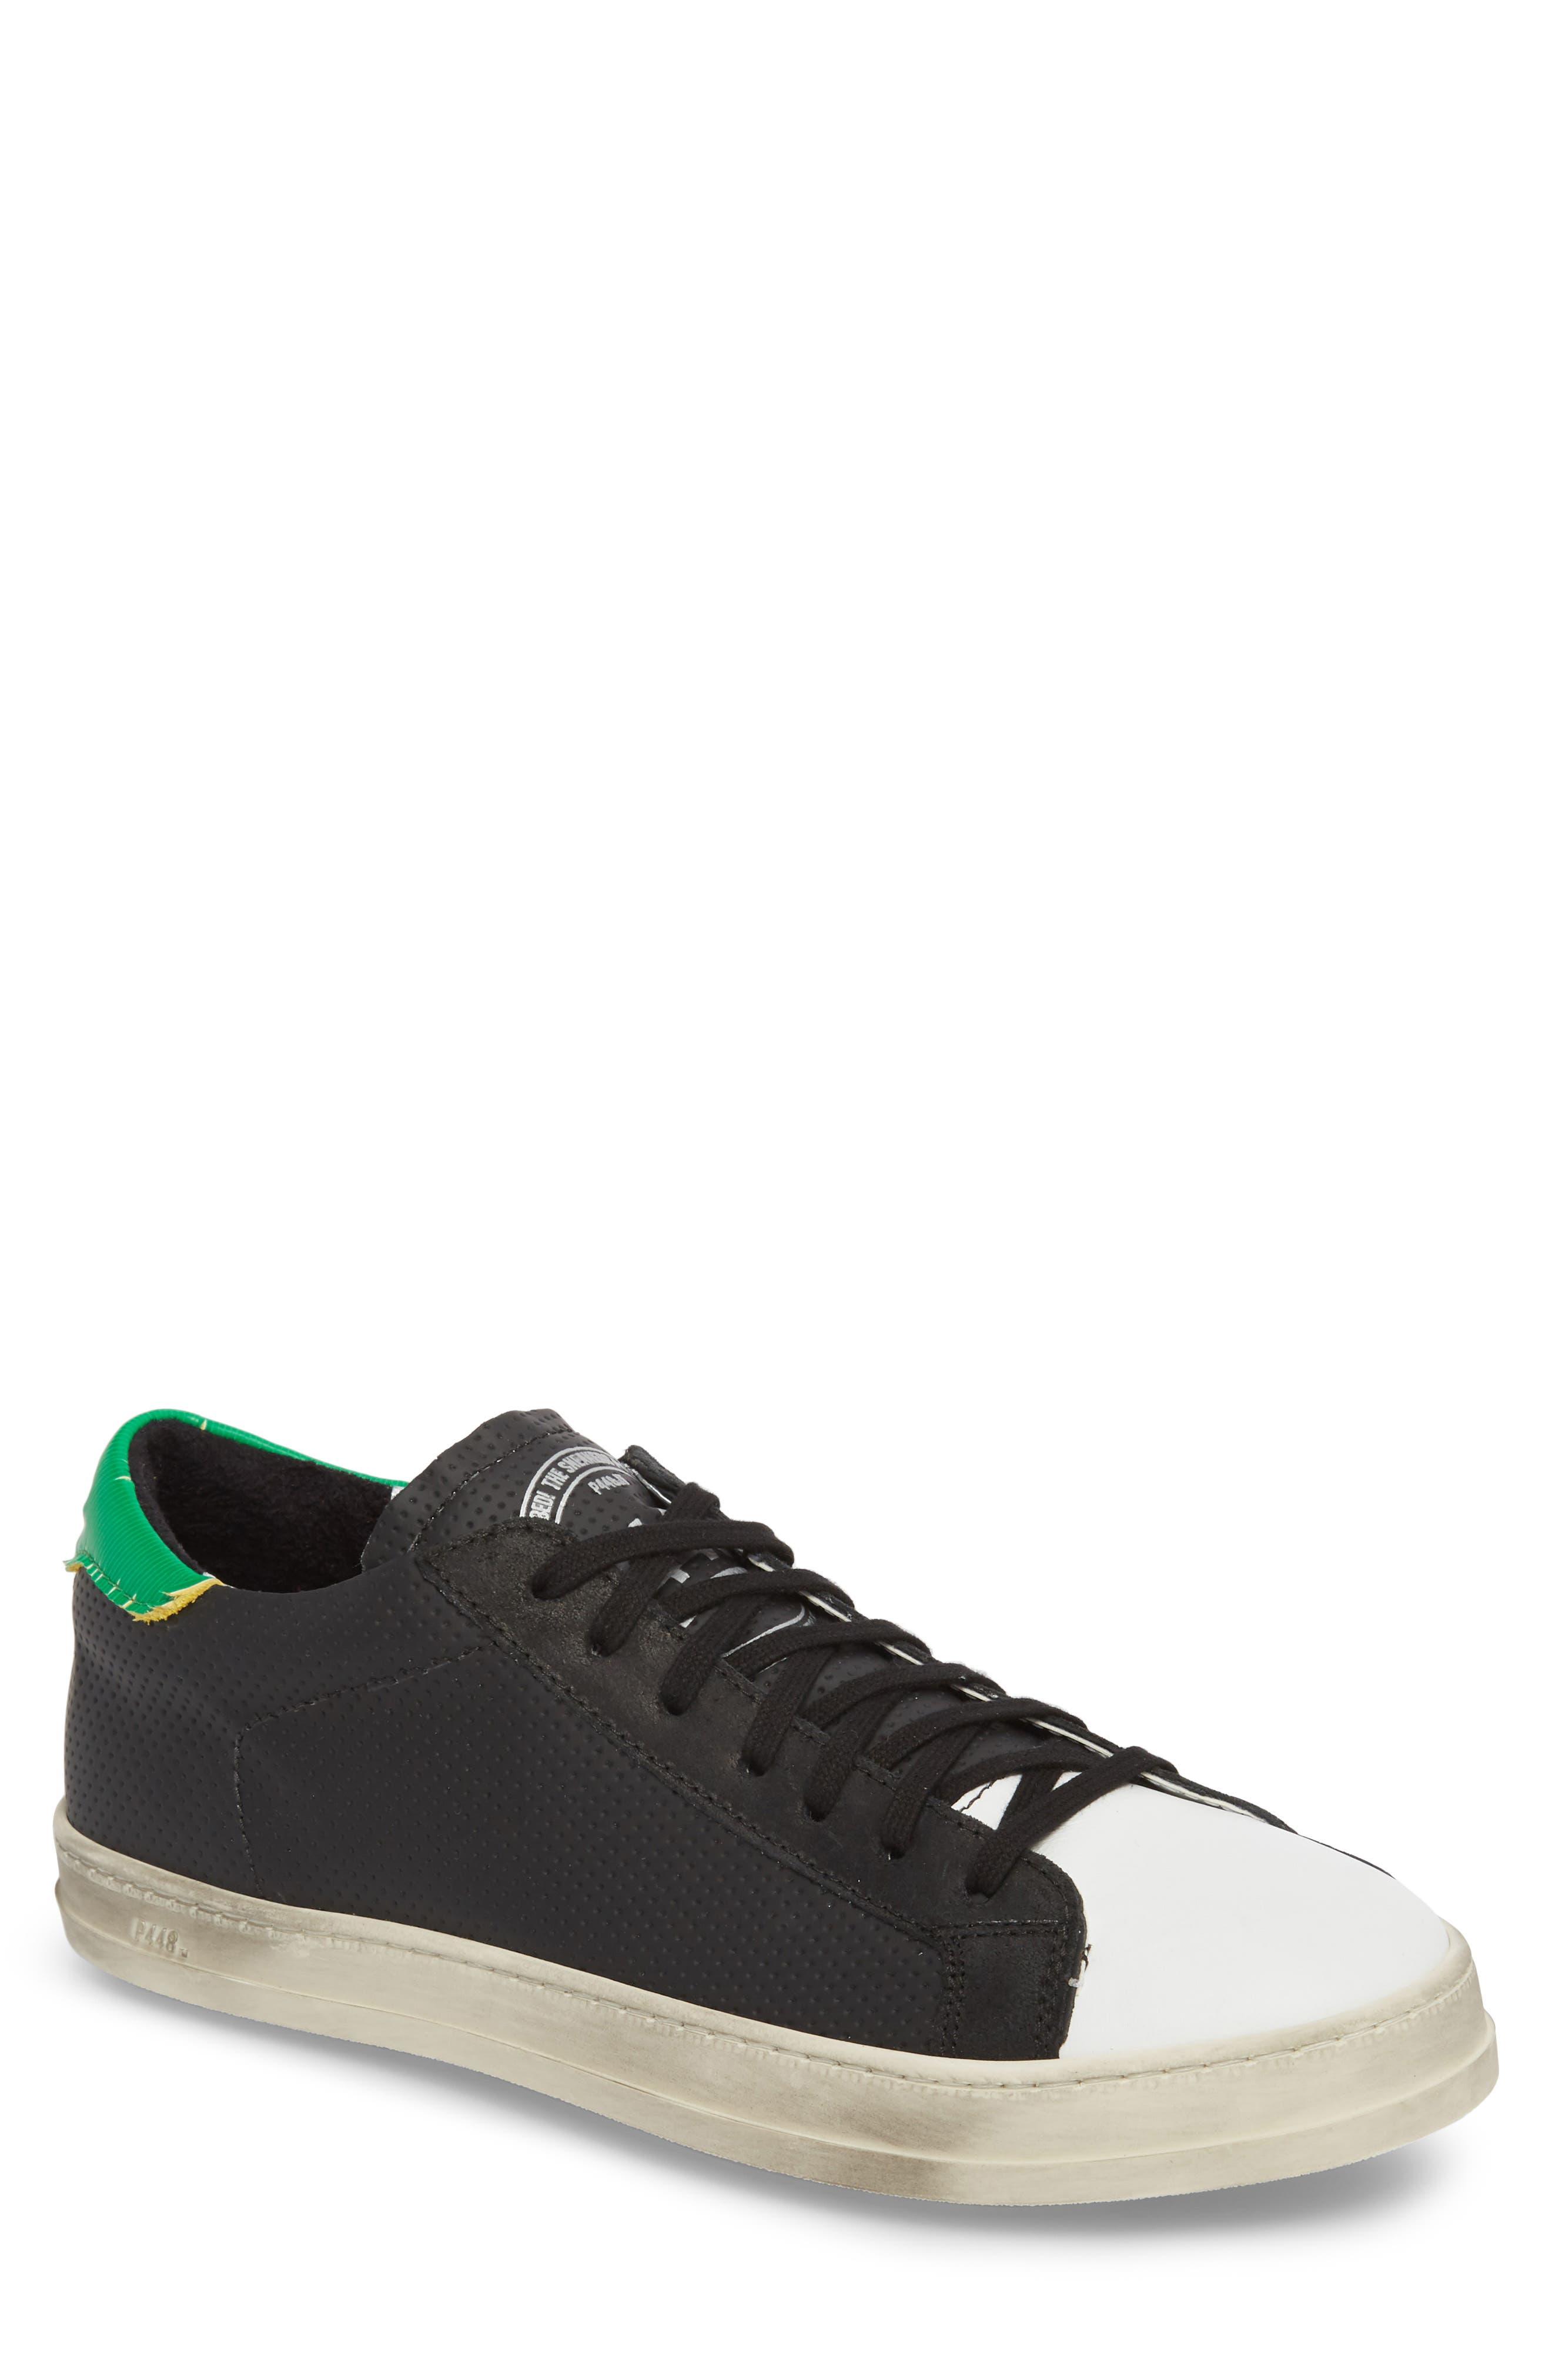 John Low Top Sneaker,                             Main thumbnail 1, color,                             BLACK